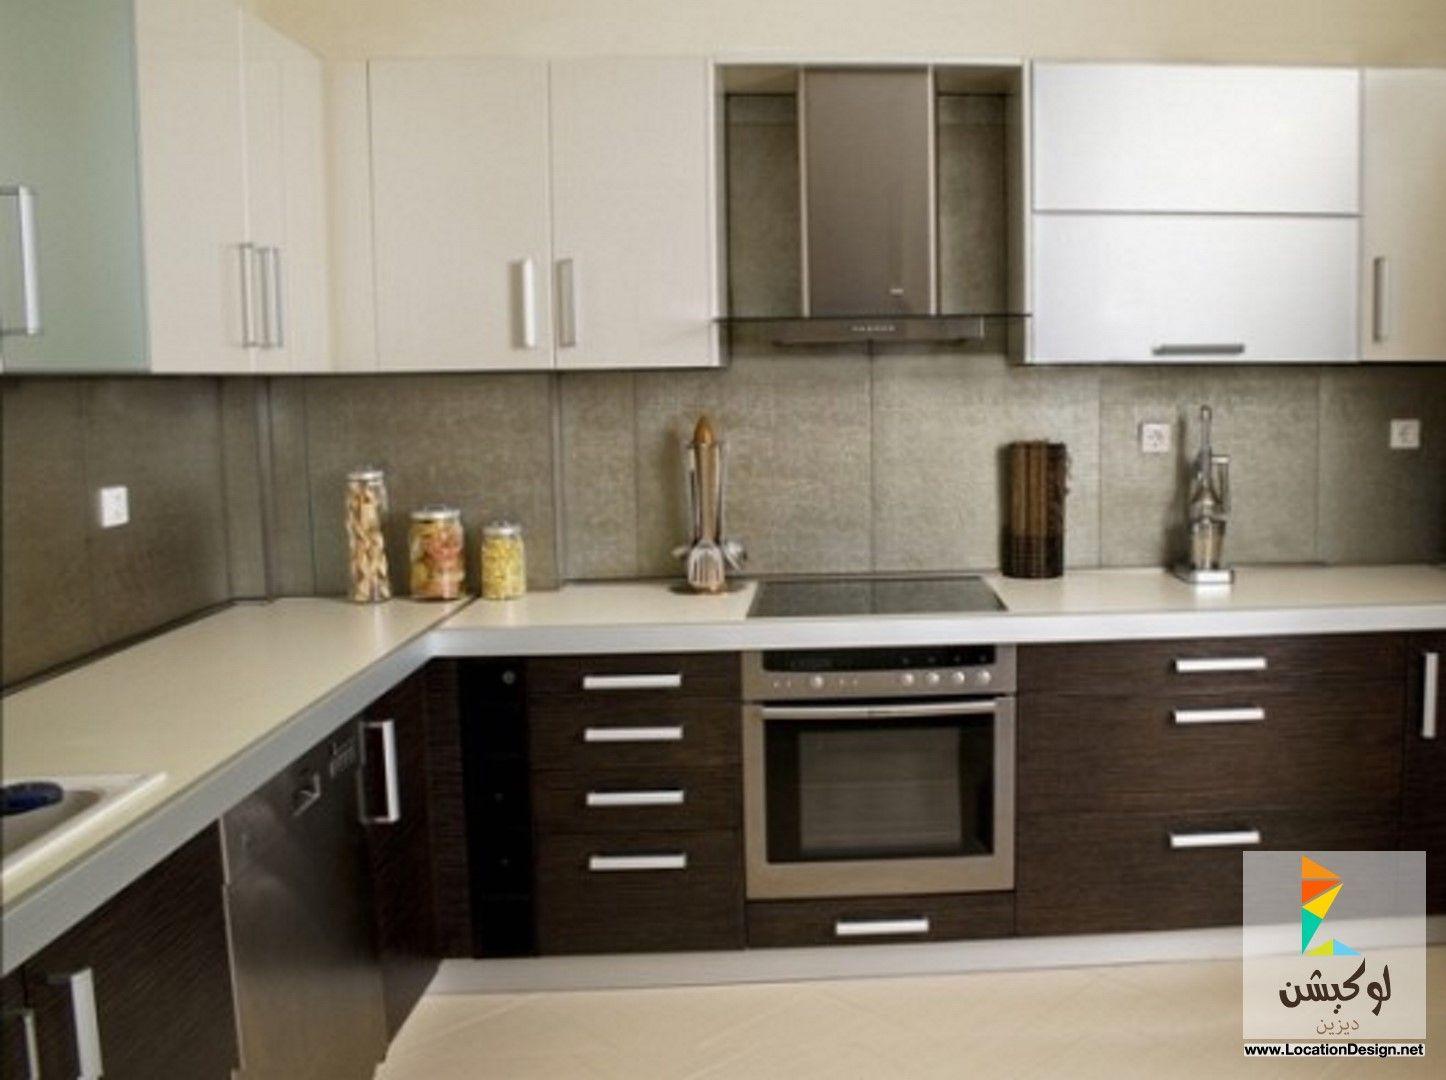 أجمل وأرقى مطابخ المونتال مودرن 2015 لوكيشن ديزاين تصميمات ديكورات أفكار جديدة مصر Kitchen Design Kitchen Room Design Kitchen Design Decor